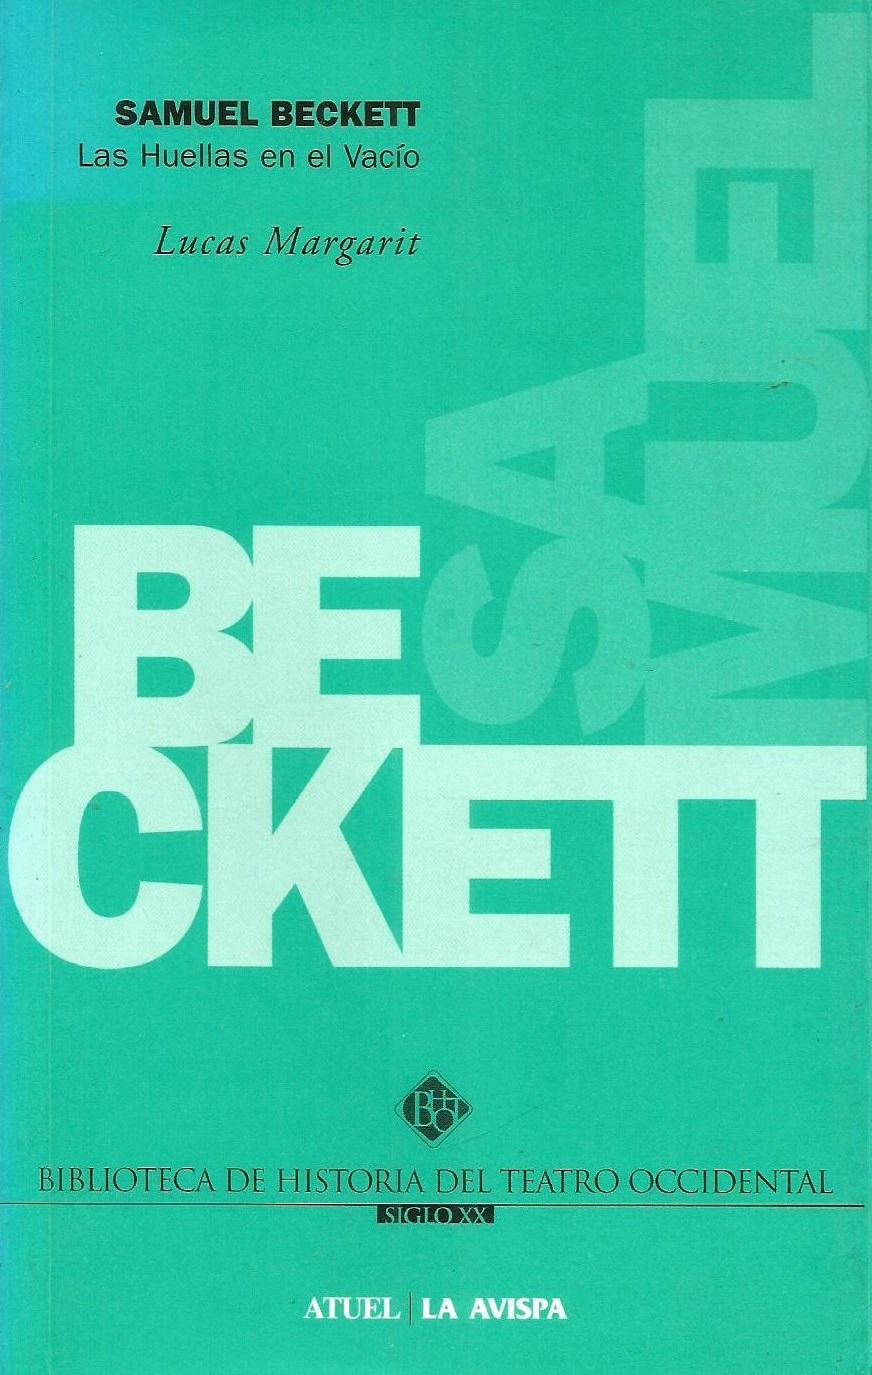 Libros Margarit 7 – Samuel Beckett. Las huellas en el vacío